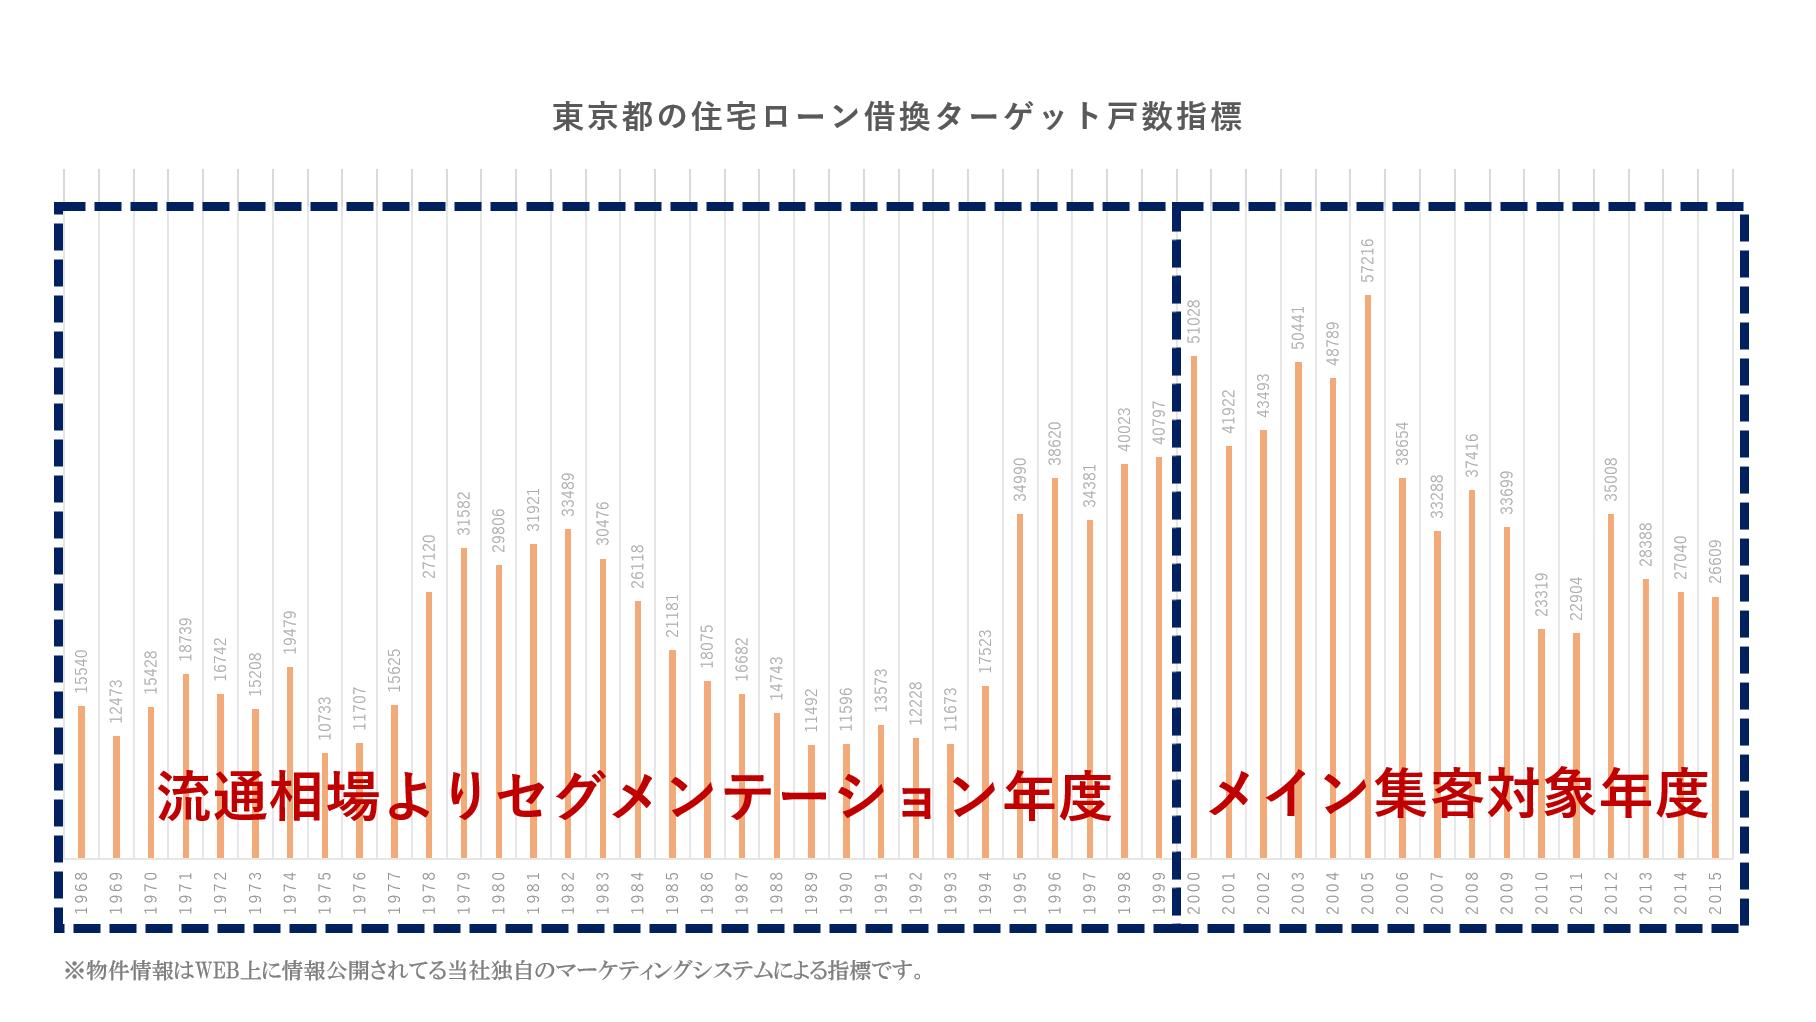 東京都の住宅ローン借換ターゲット戸数指標